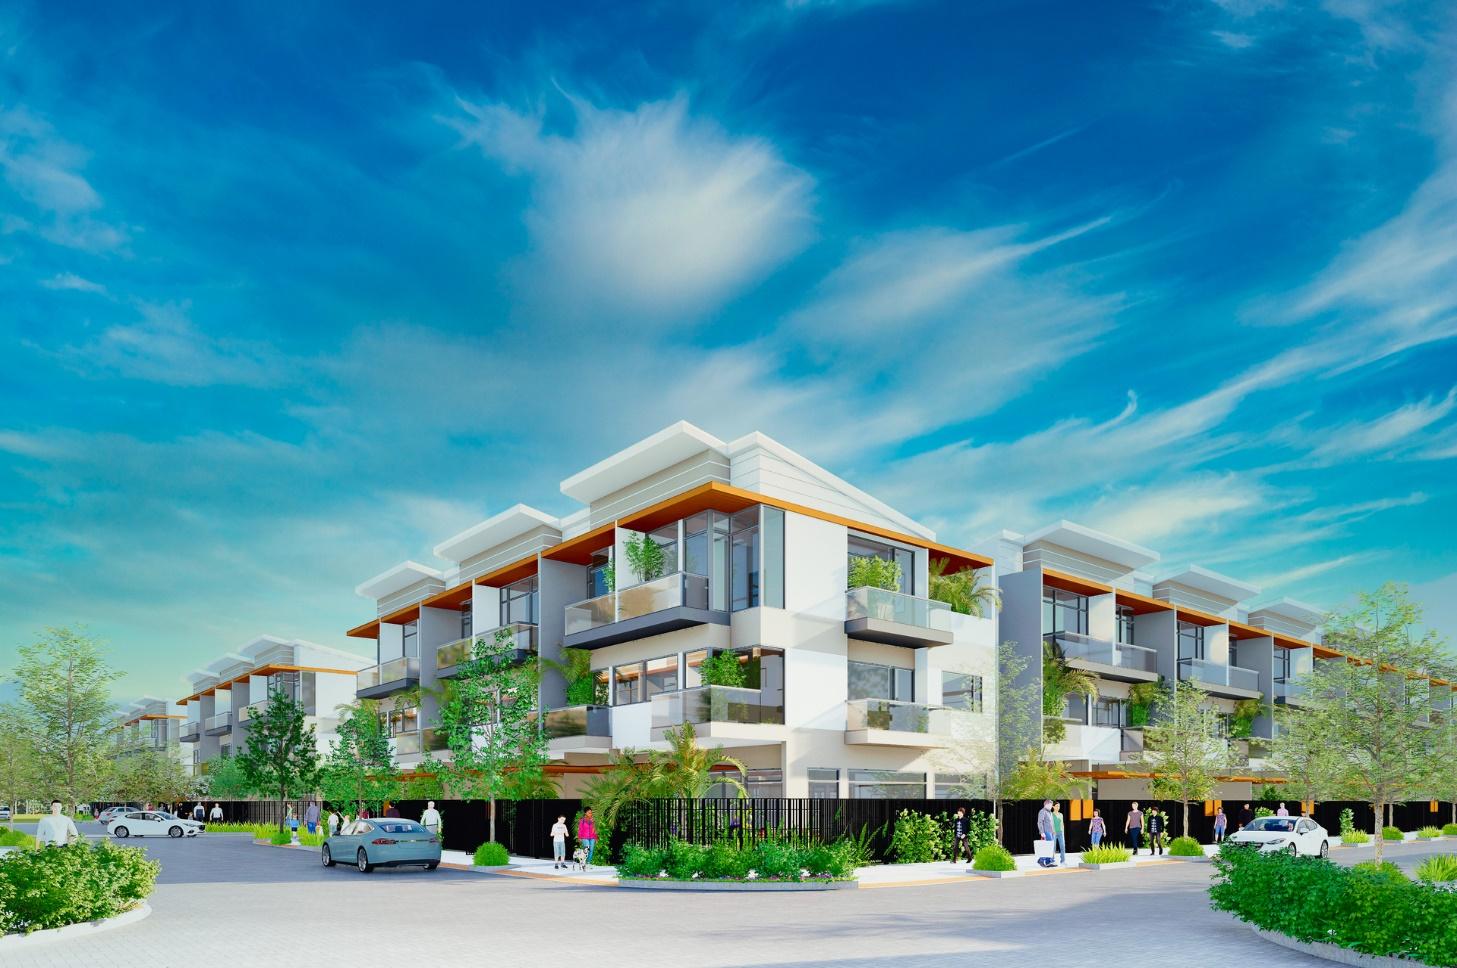 Elite Life kiến tạo cơ hội đầu tư sinh lời ở cửa ngõ Nam Sài Gòn - Ảnh 2.